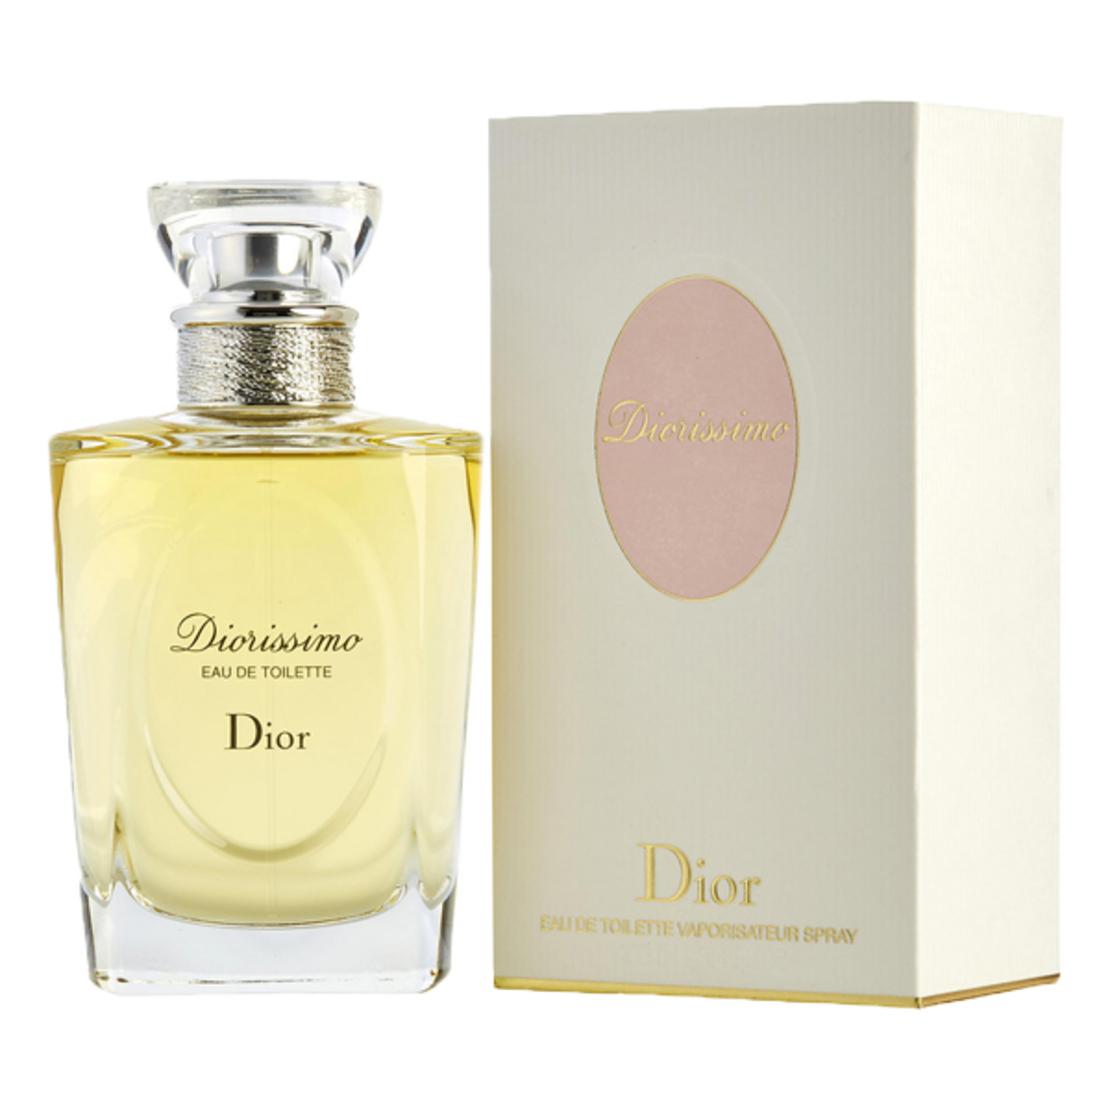 בושם לאשה דיור דיוריסימו  Dior Diorissimo (W) EDT 100 ML